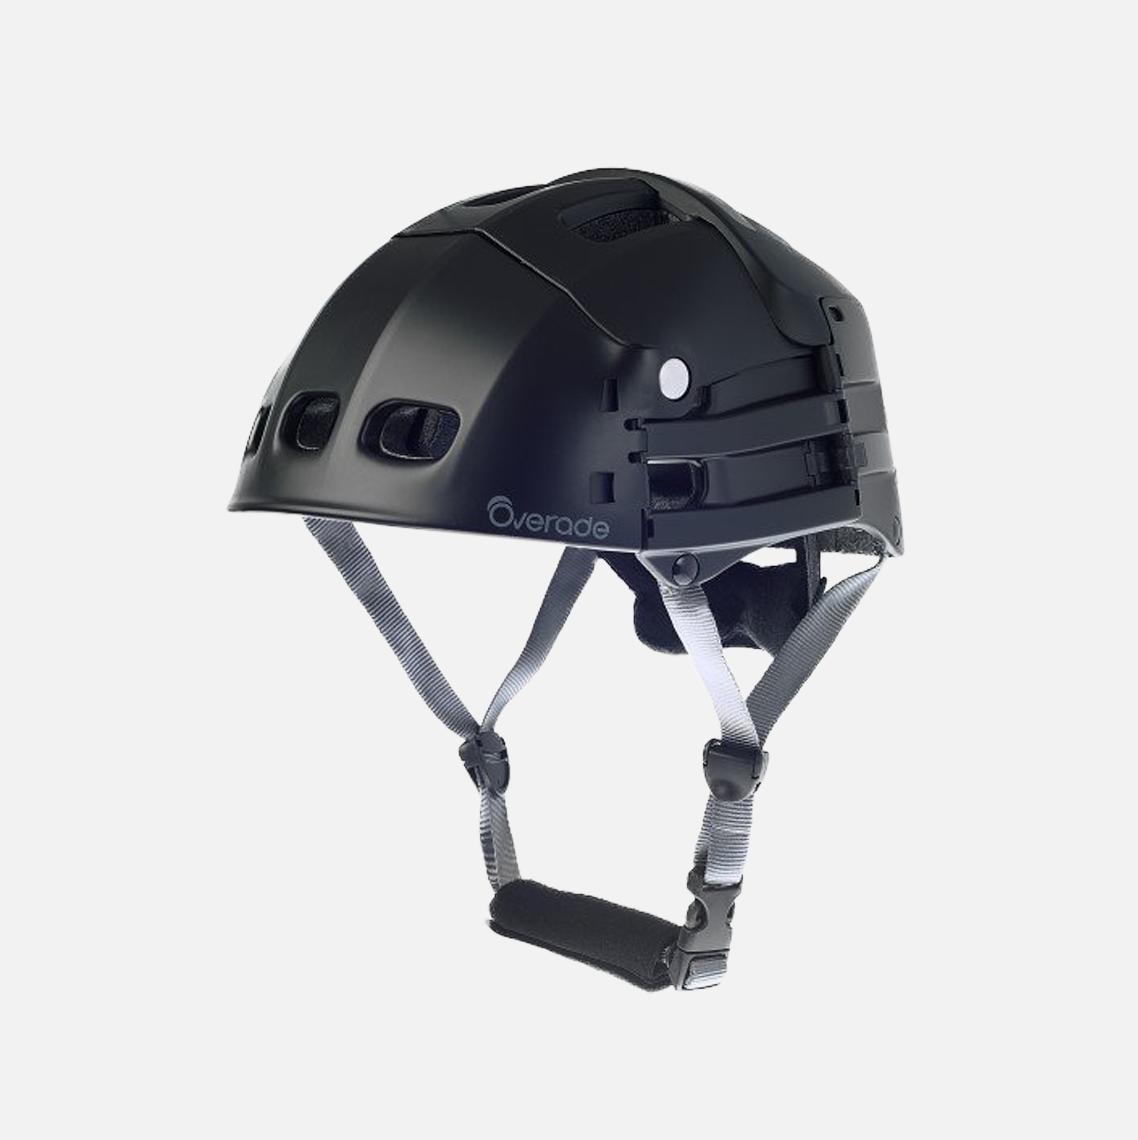 Spin Overade Helmet